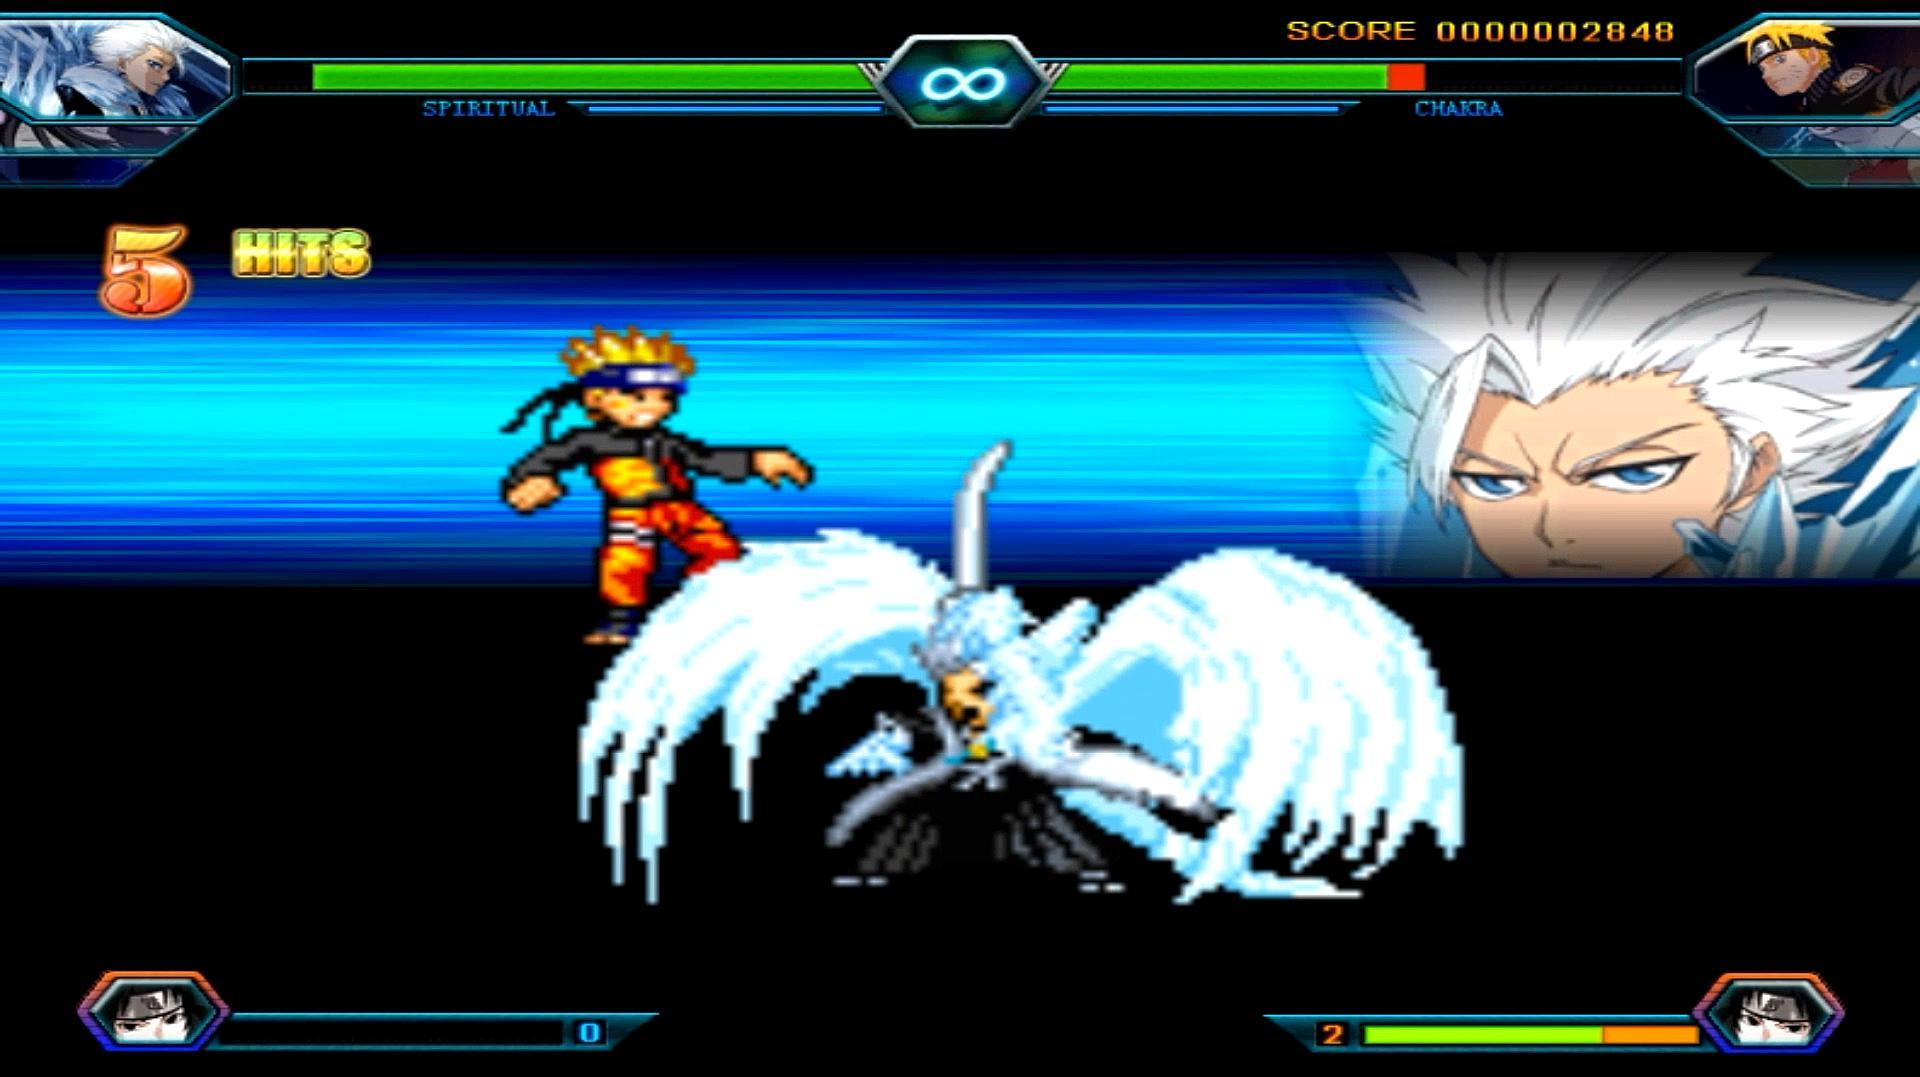 死神vs火影3.5手游下载截图2